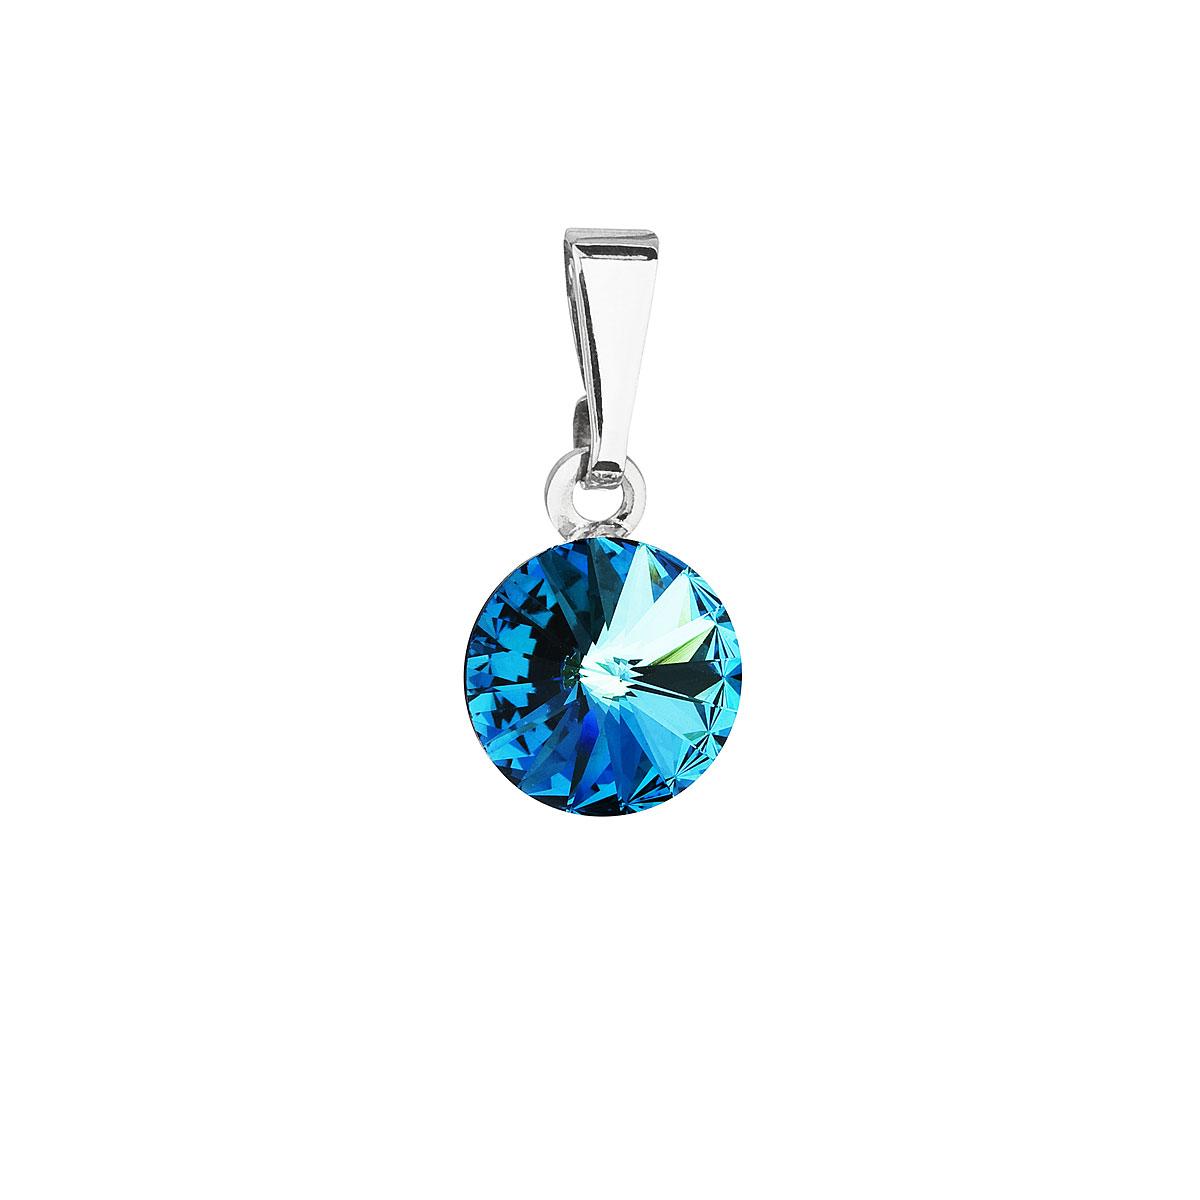 Evolution Group Přívěsek se Swarovski krystaly modrý kulatý 54018.5